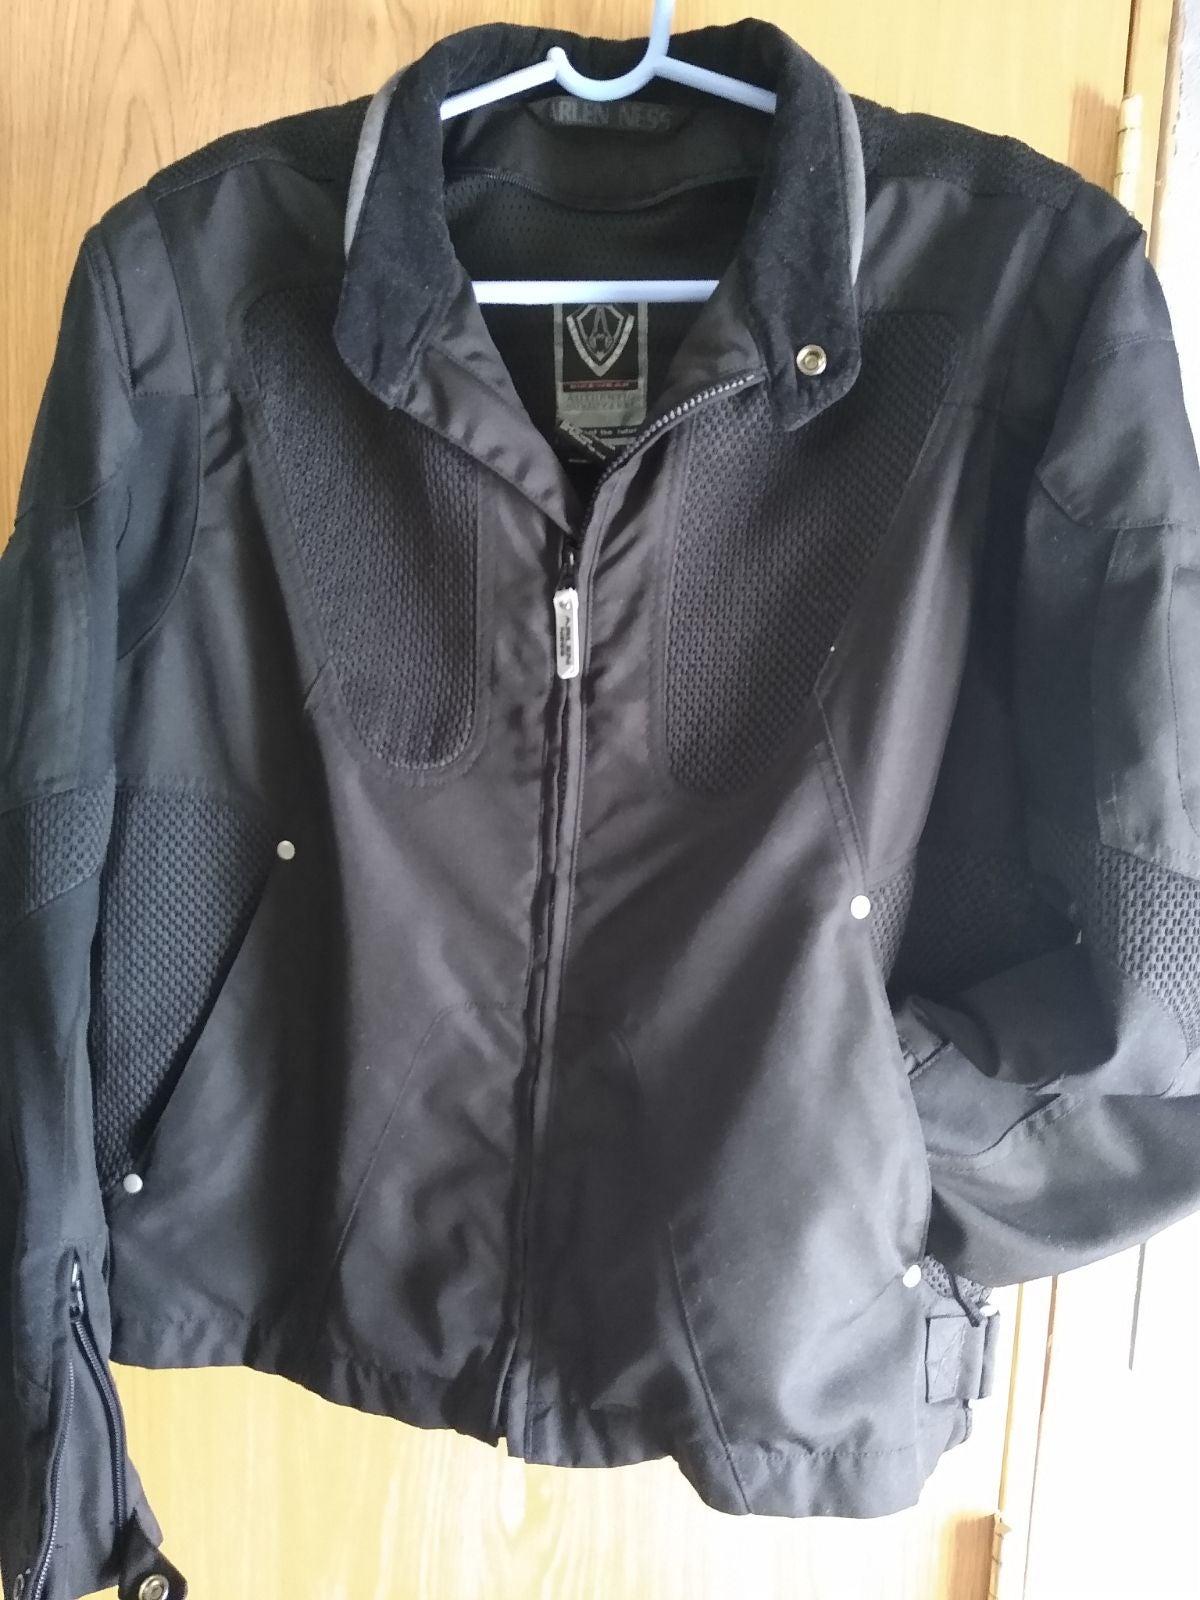 Men's Arlen Ness motorcycle jacket